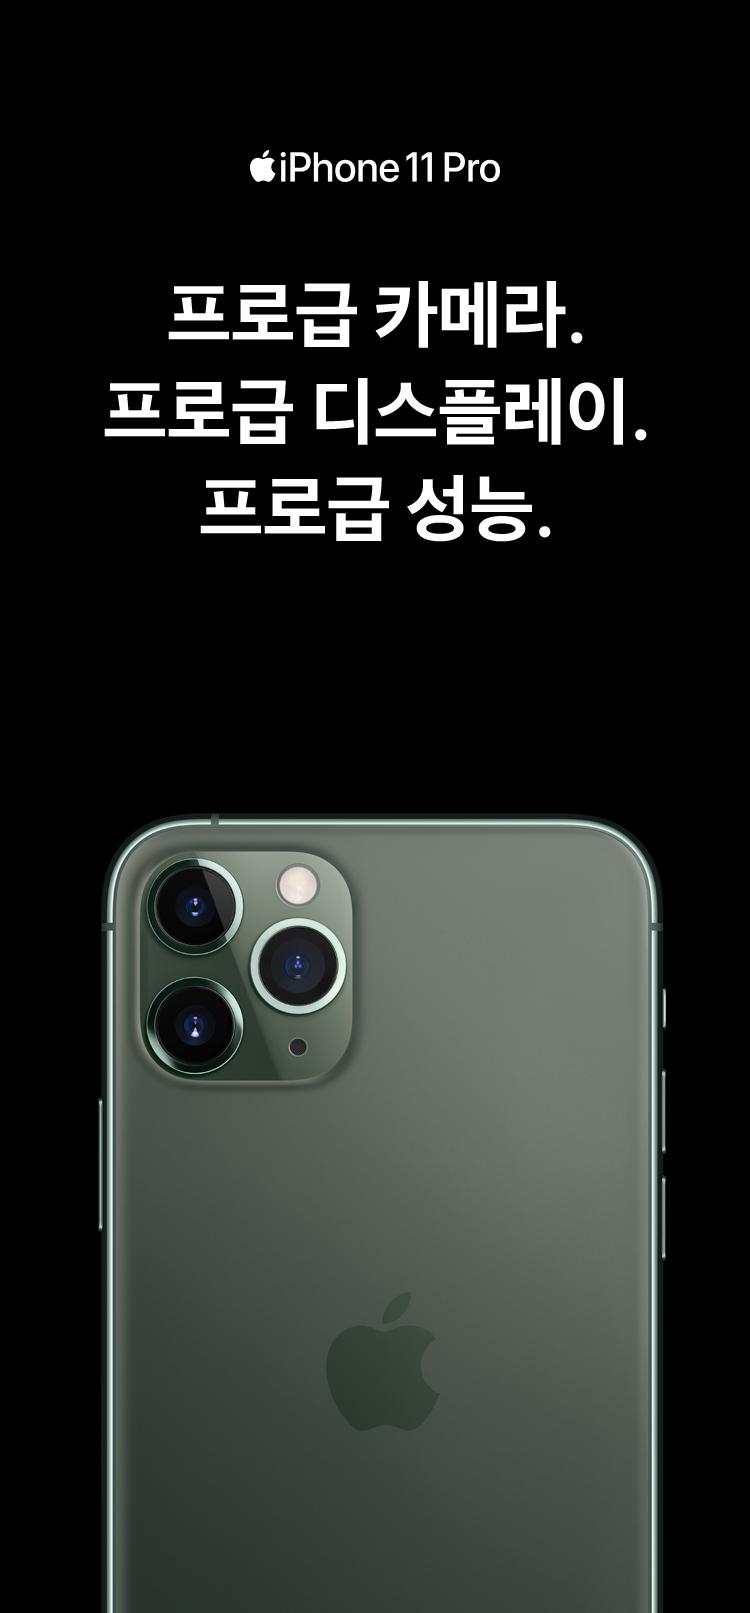 iPhone11 Pro 프로급 카메라. 프로급 디스플레이. 프로급 성능.